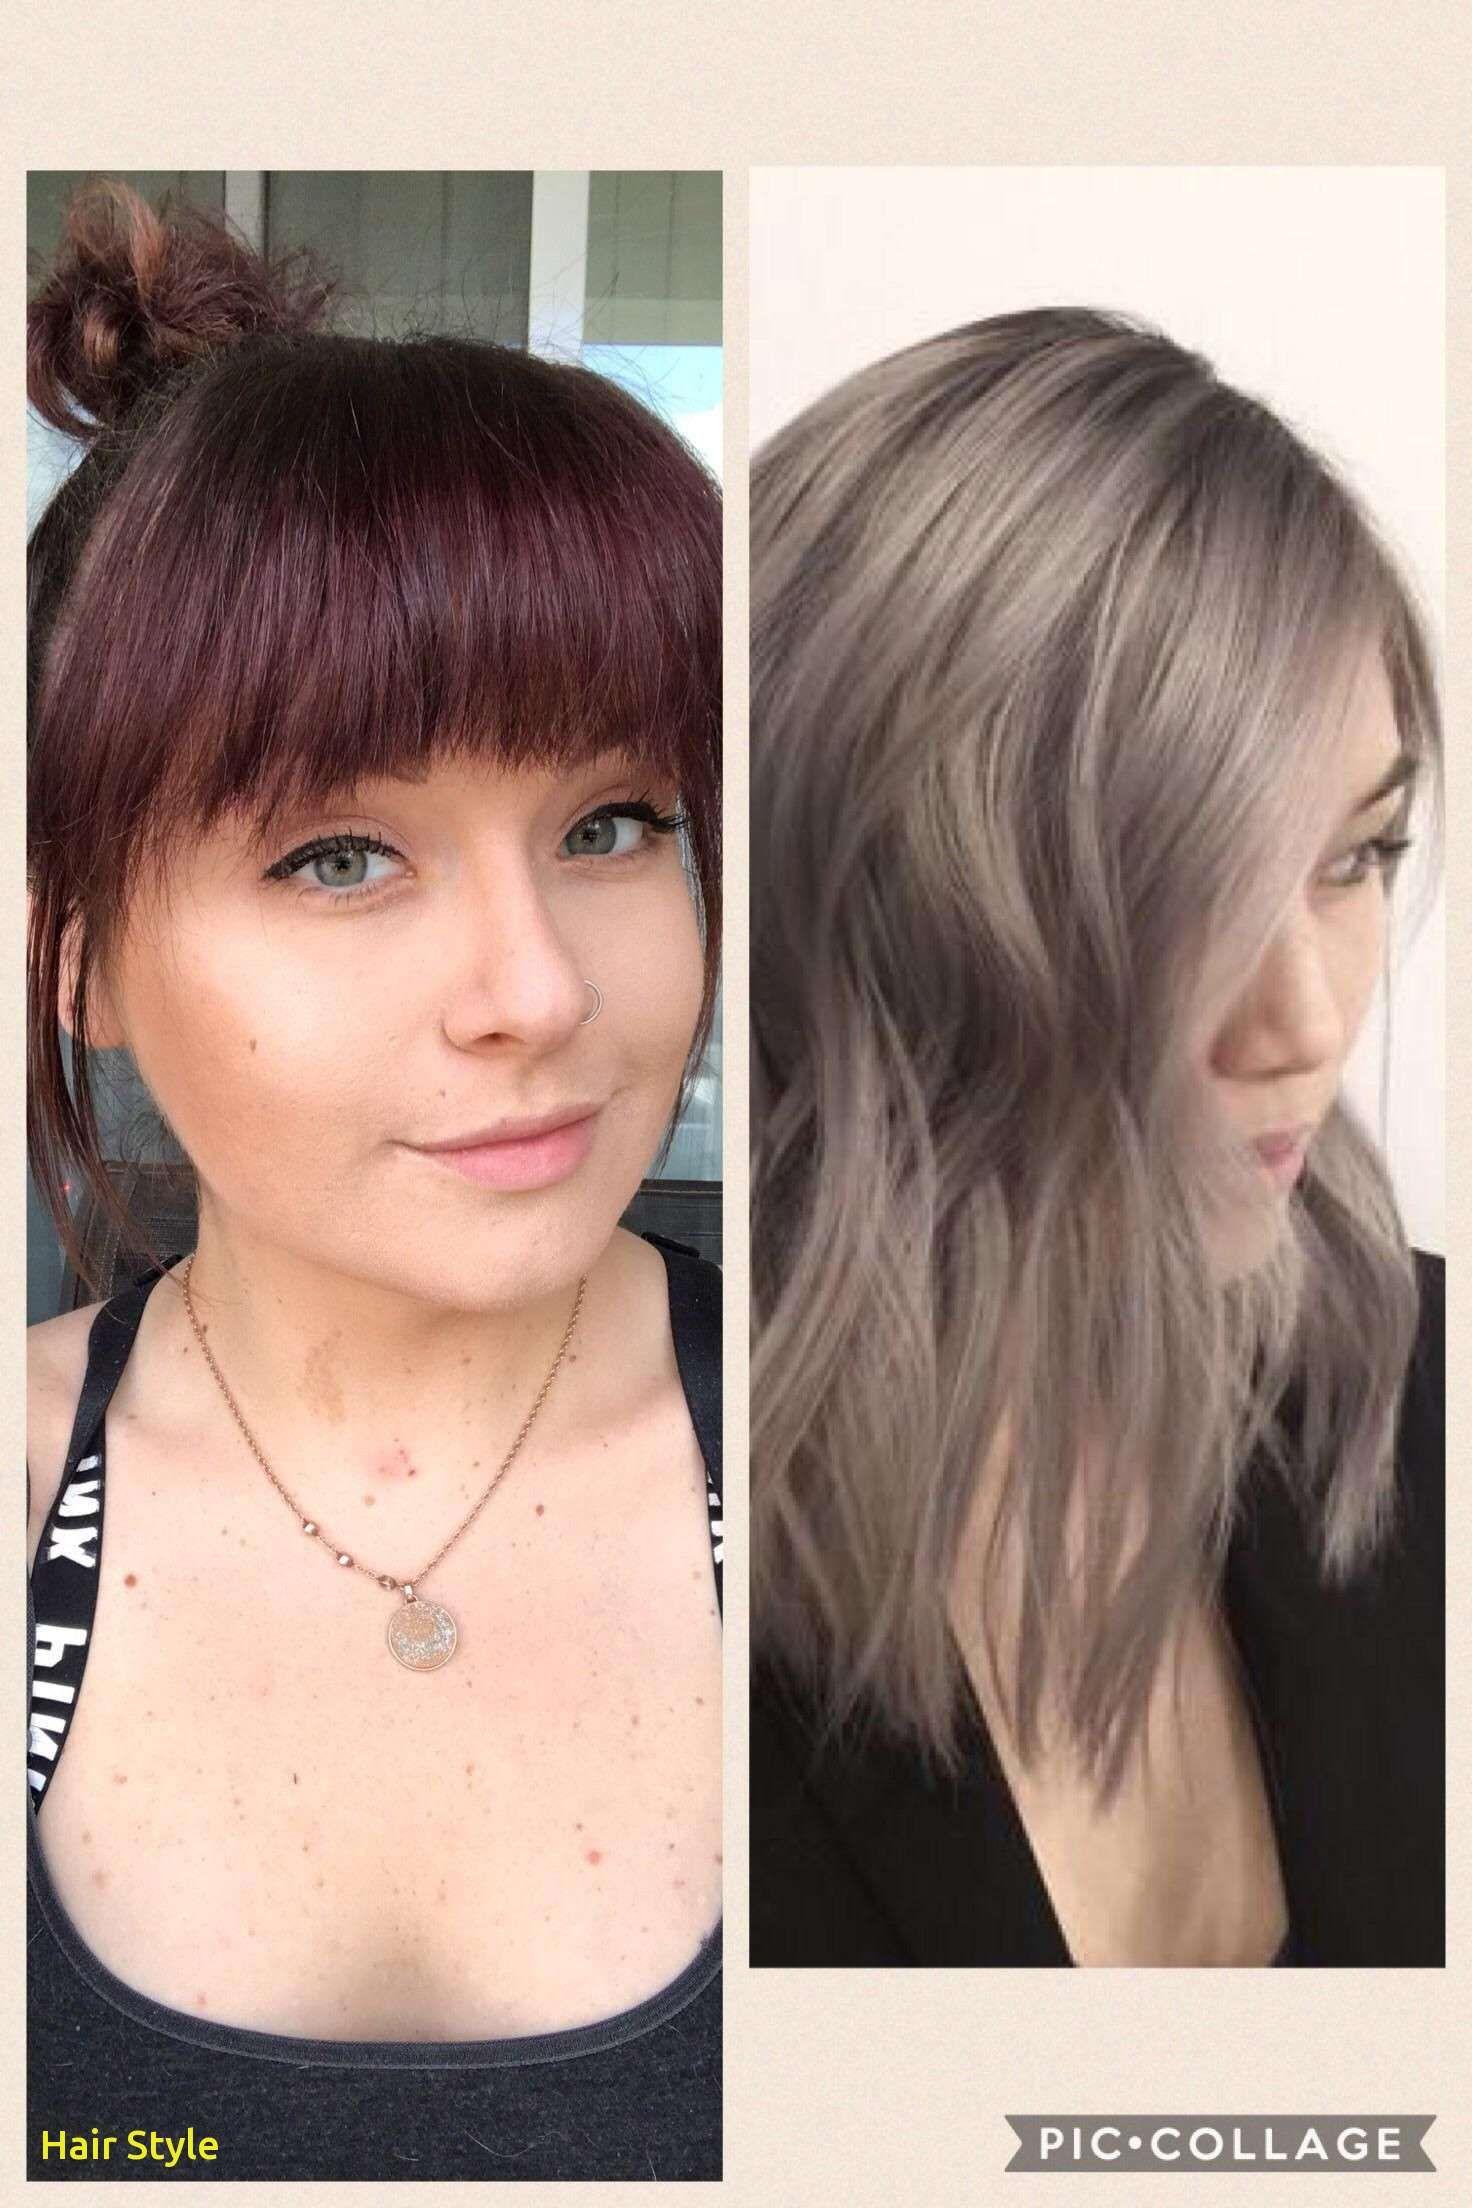 Bestes Der Mädchen Haarschnitte 2019 Neu Haarschnitte 2019